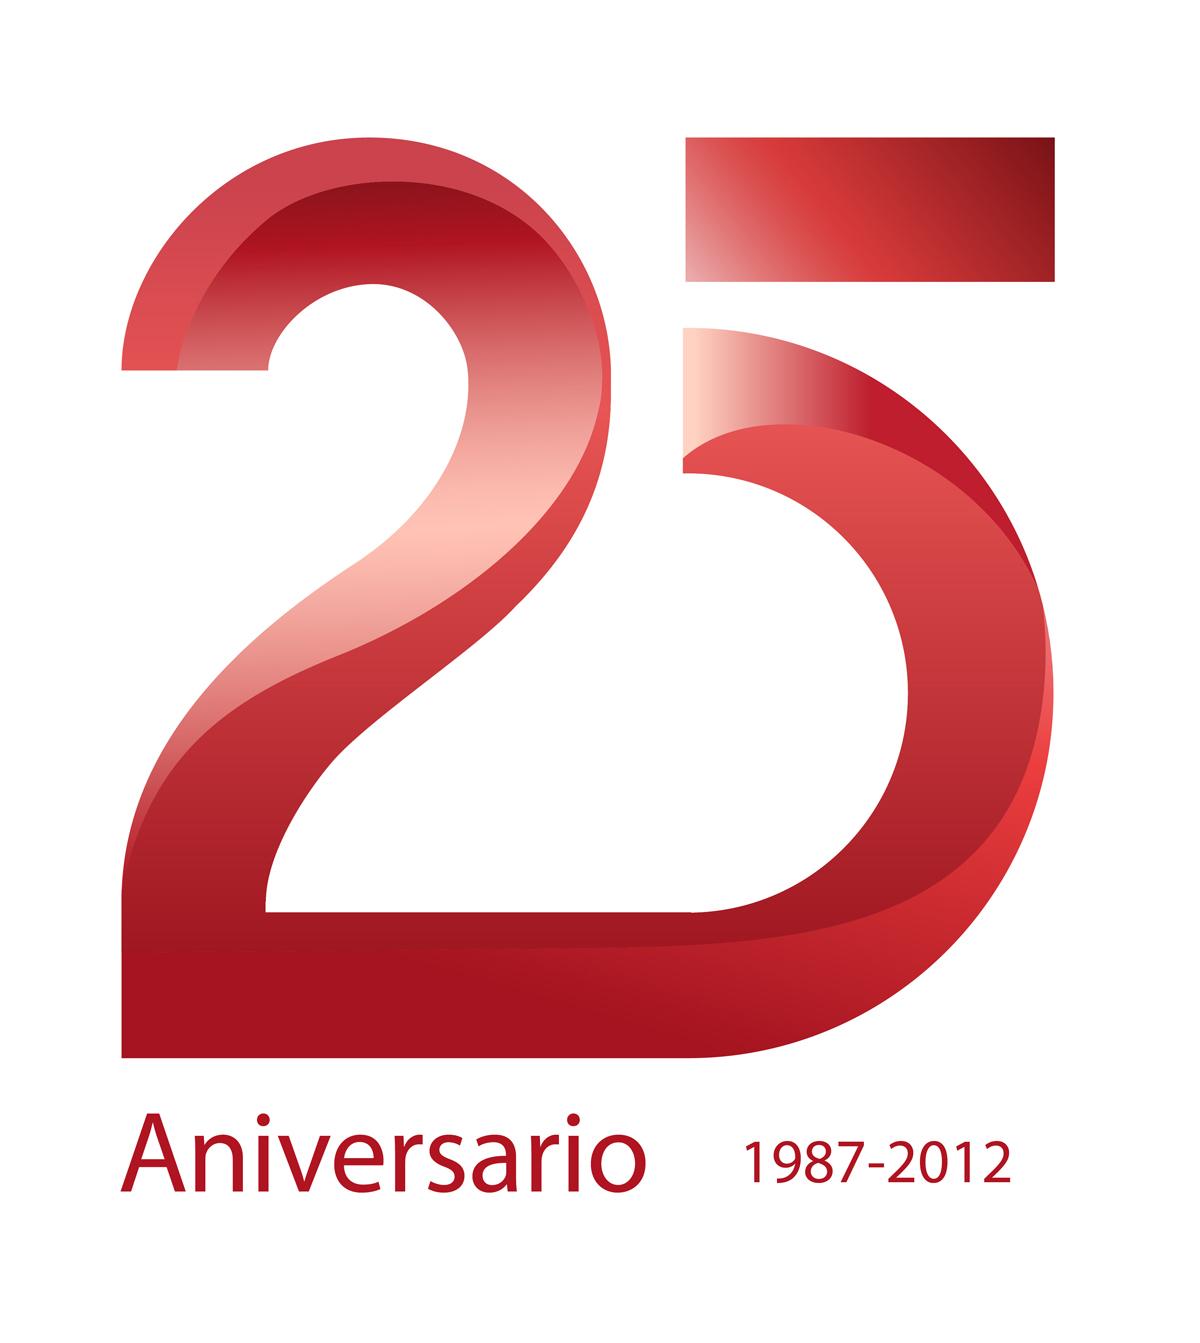 logotipo campaña publicitaria